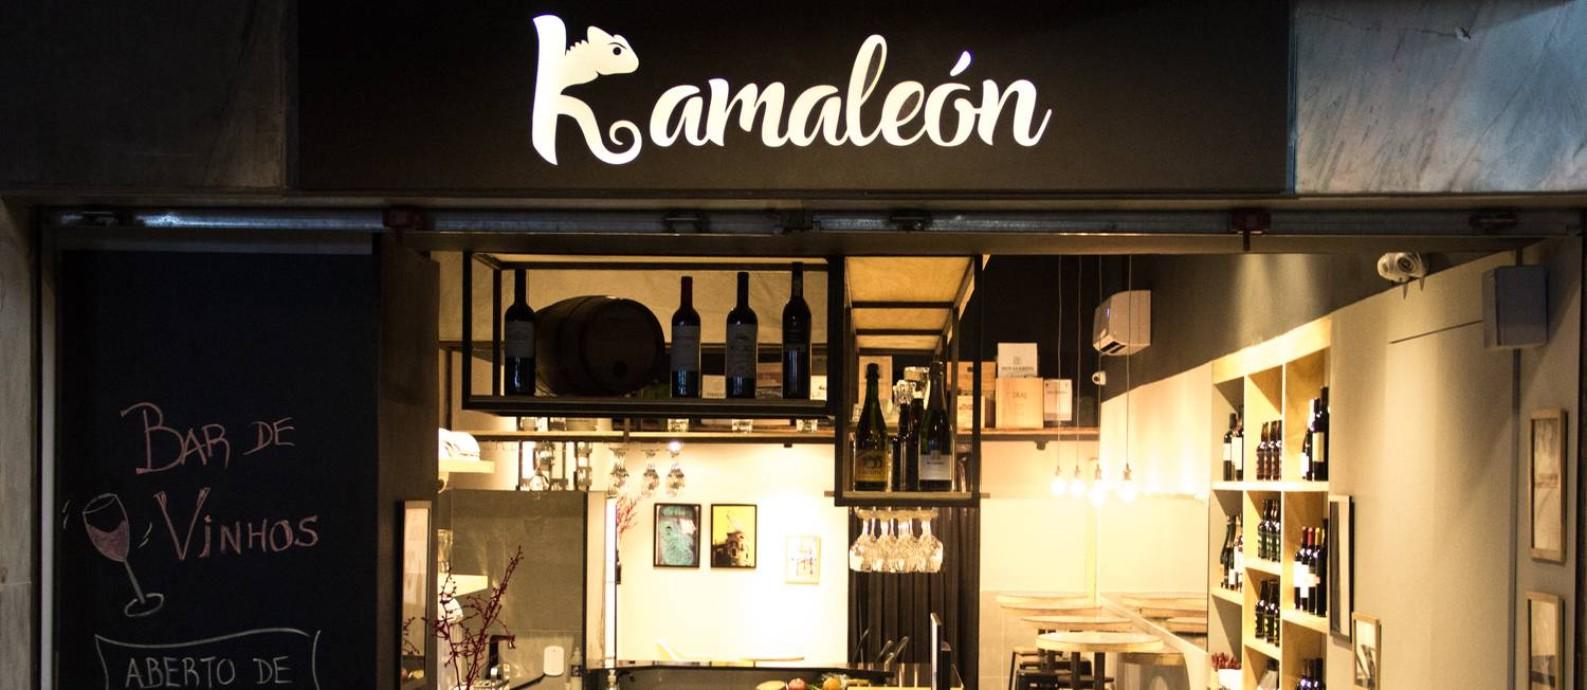 Kamaleon Foto: Constança Sabença / Divulgação